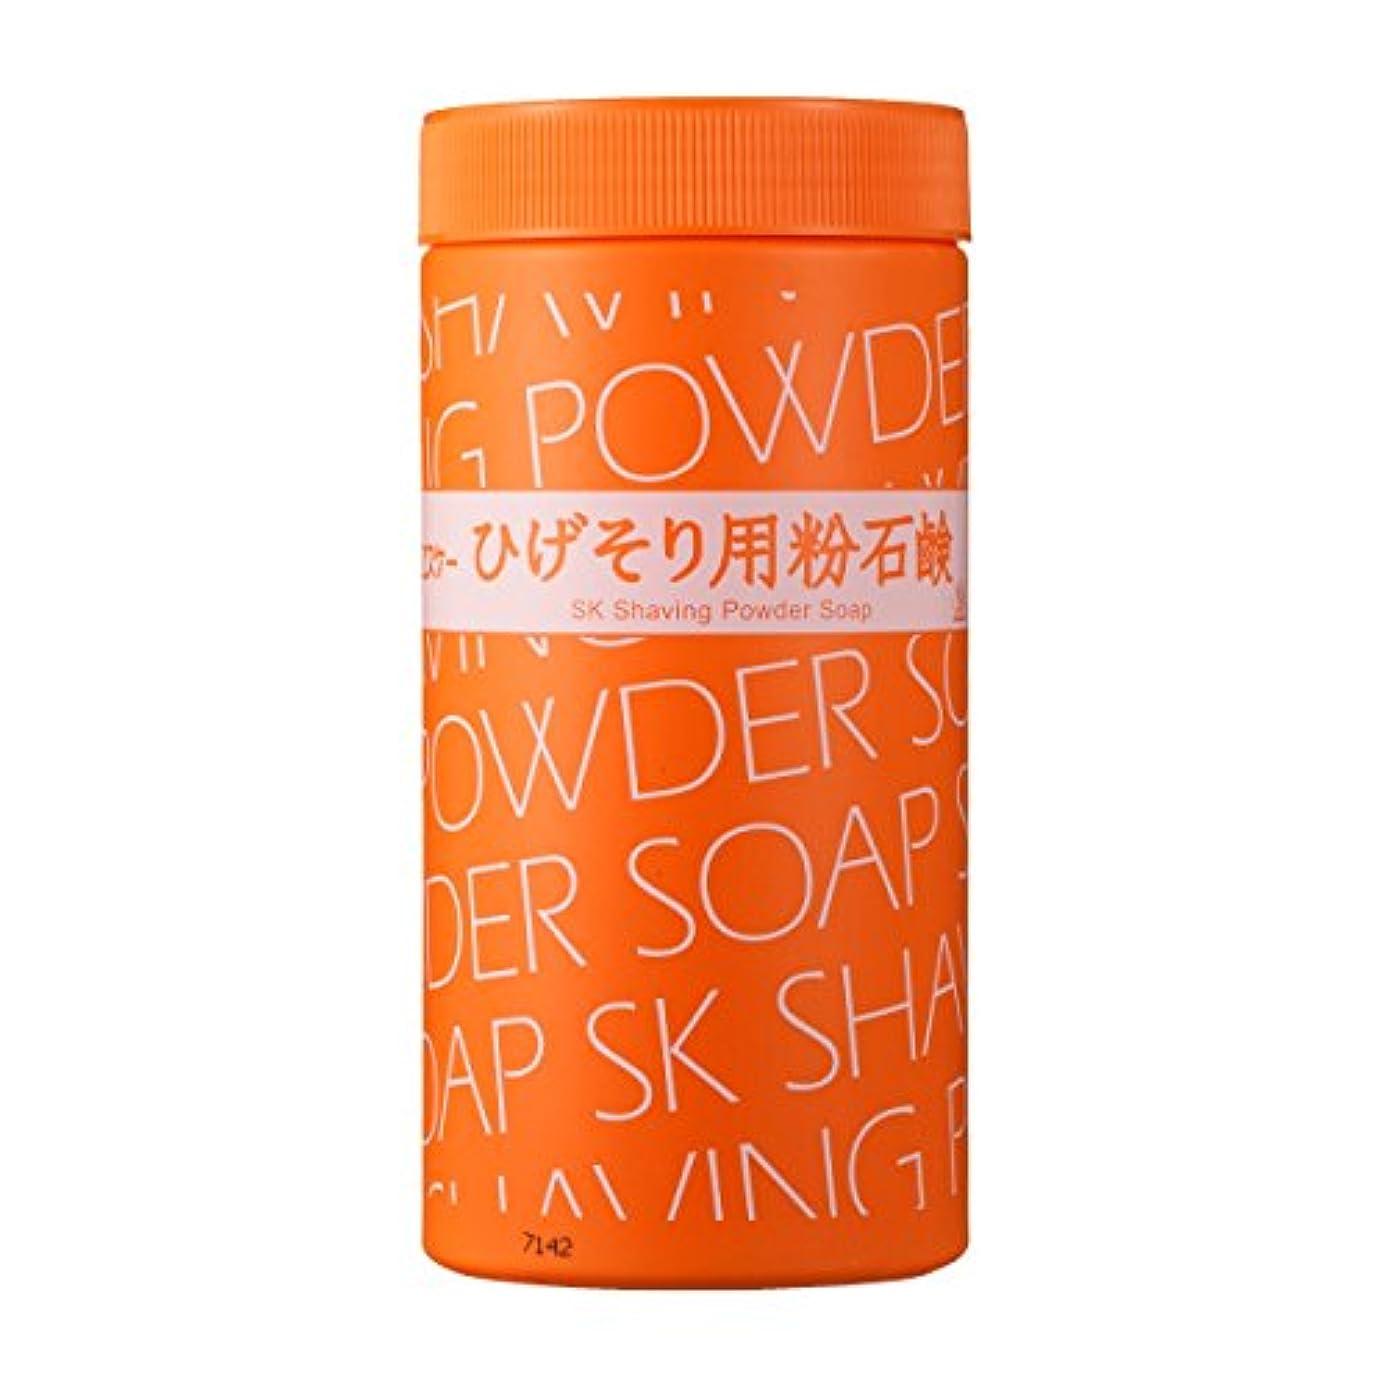 セーブ正確契約エスケー石鹸 エスケー ひげそり用 粉石鹸 500g シェービングフォーム